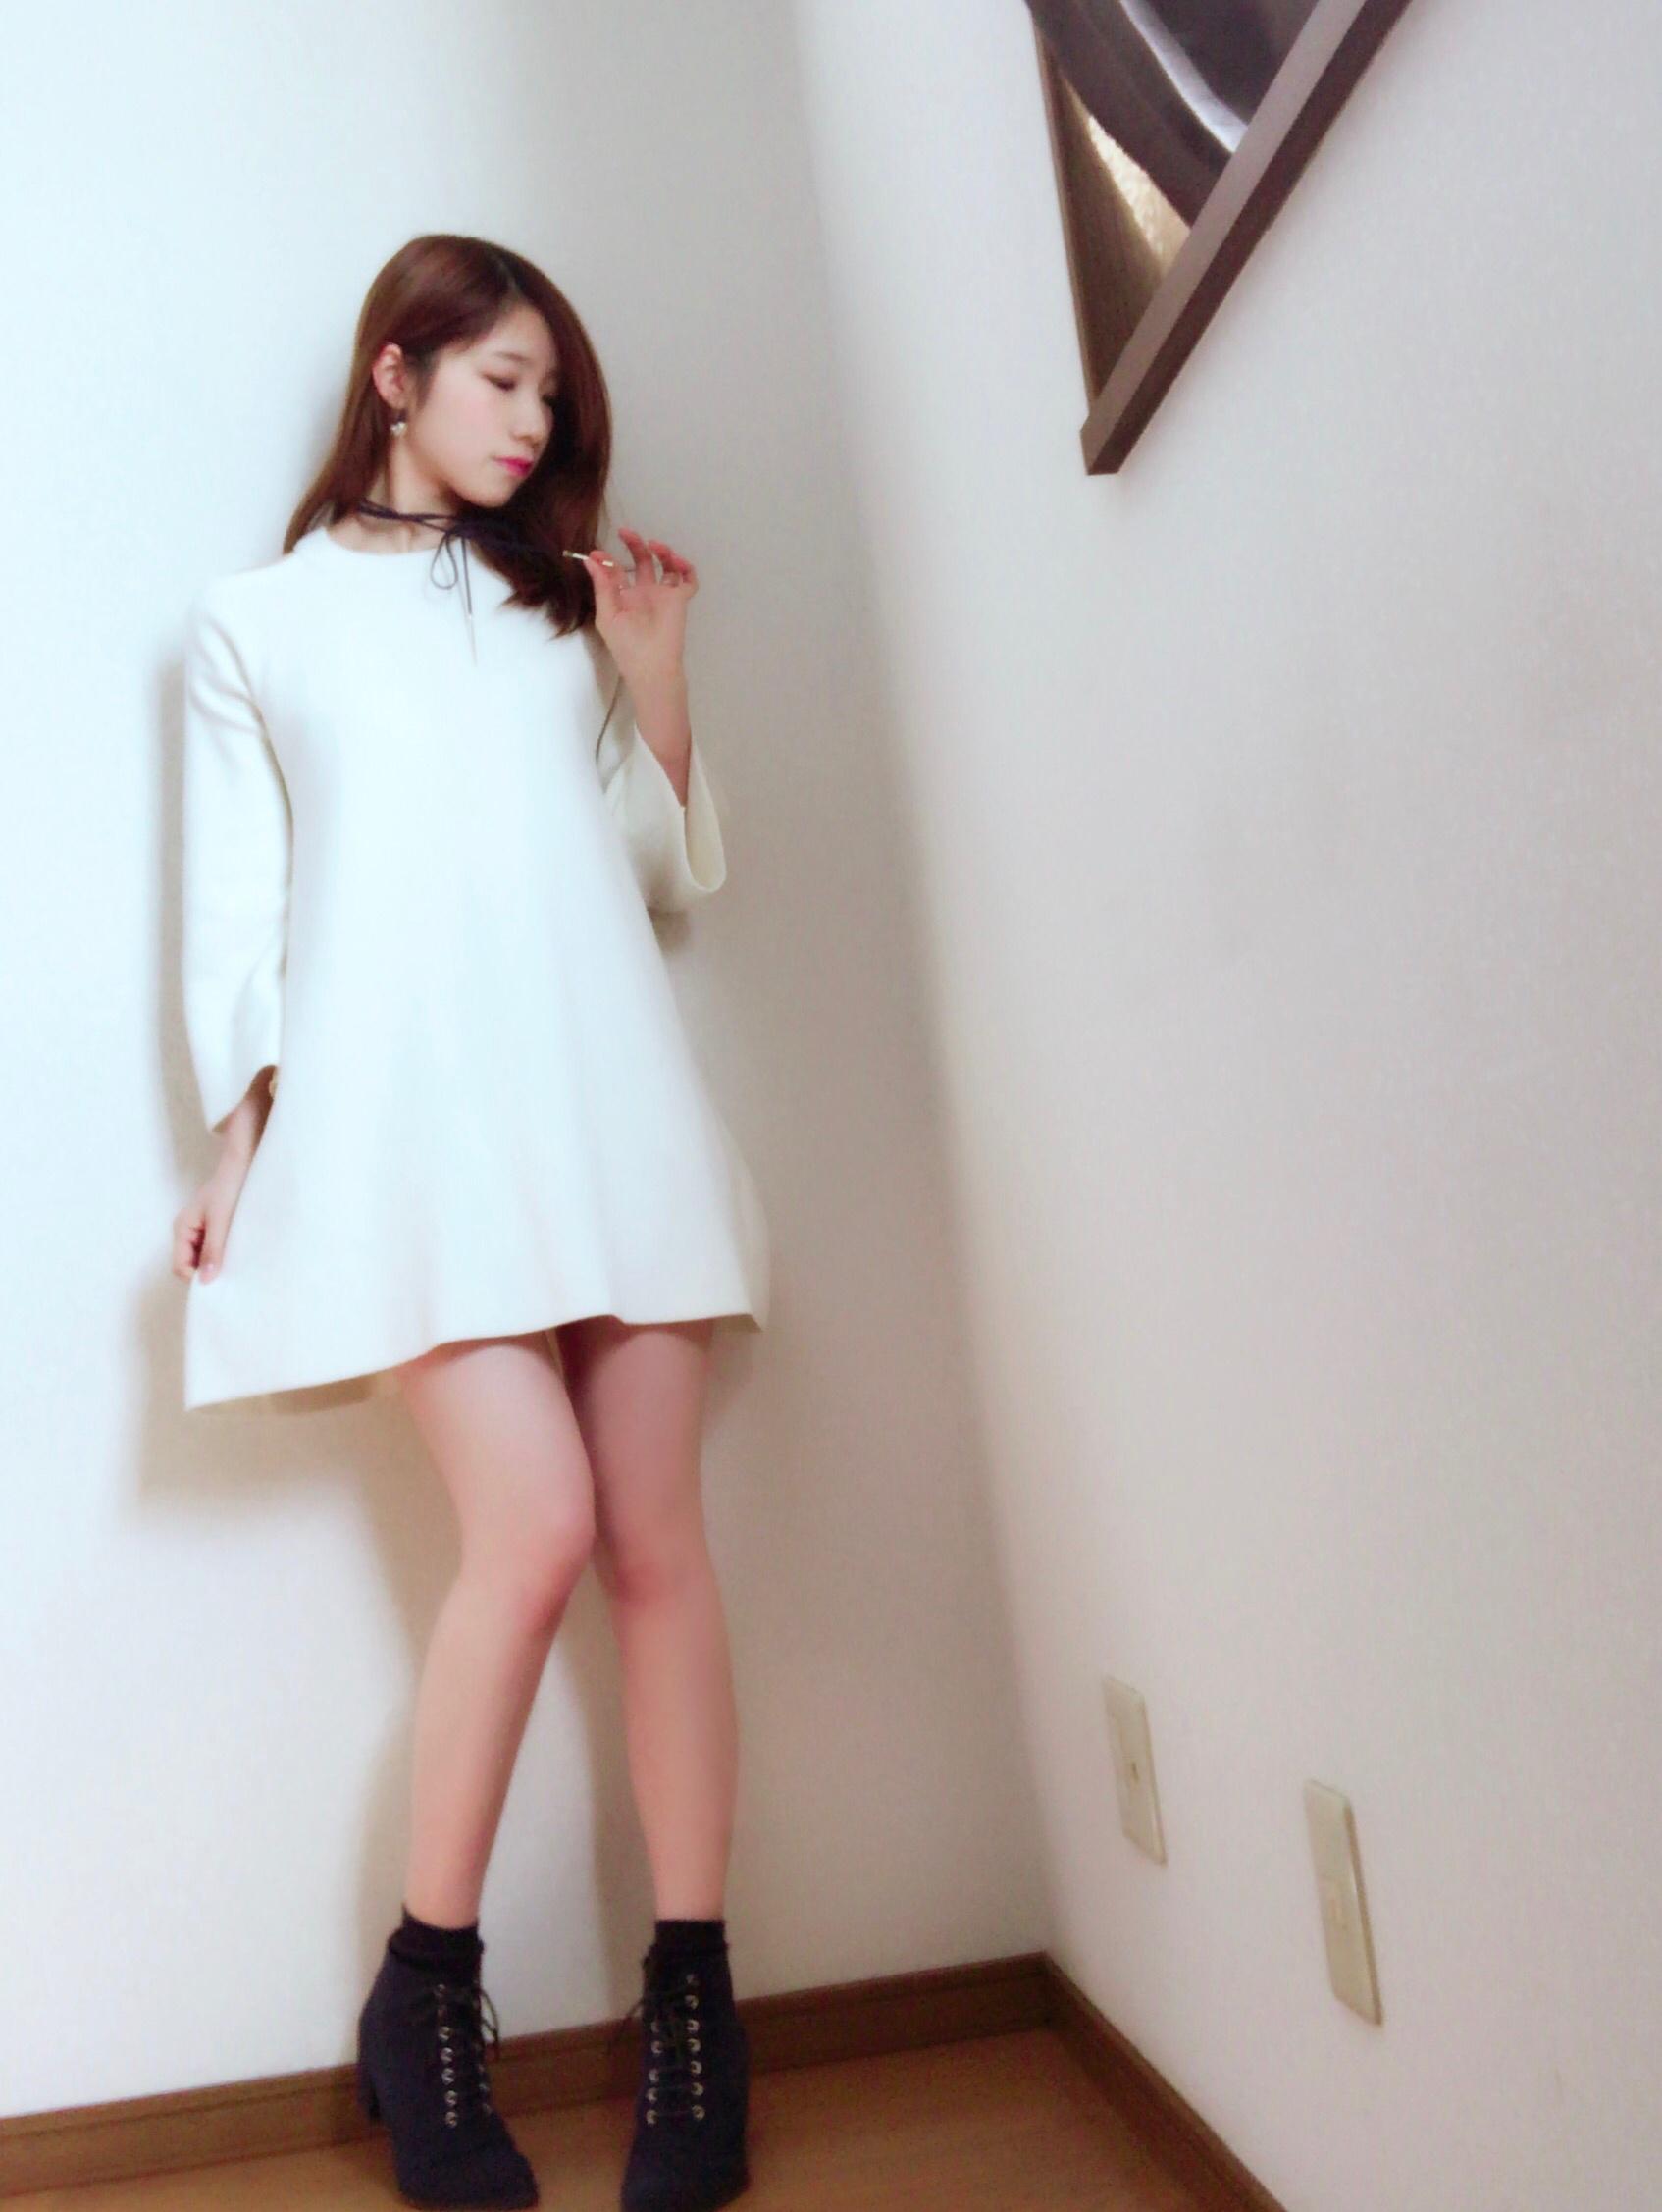 ノンノ45周年記念イベント裏側と衣装の紹介☆_1_2